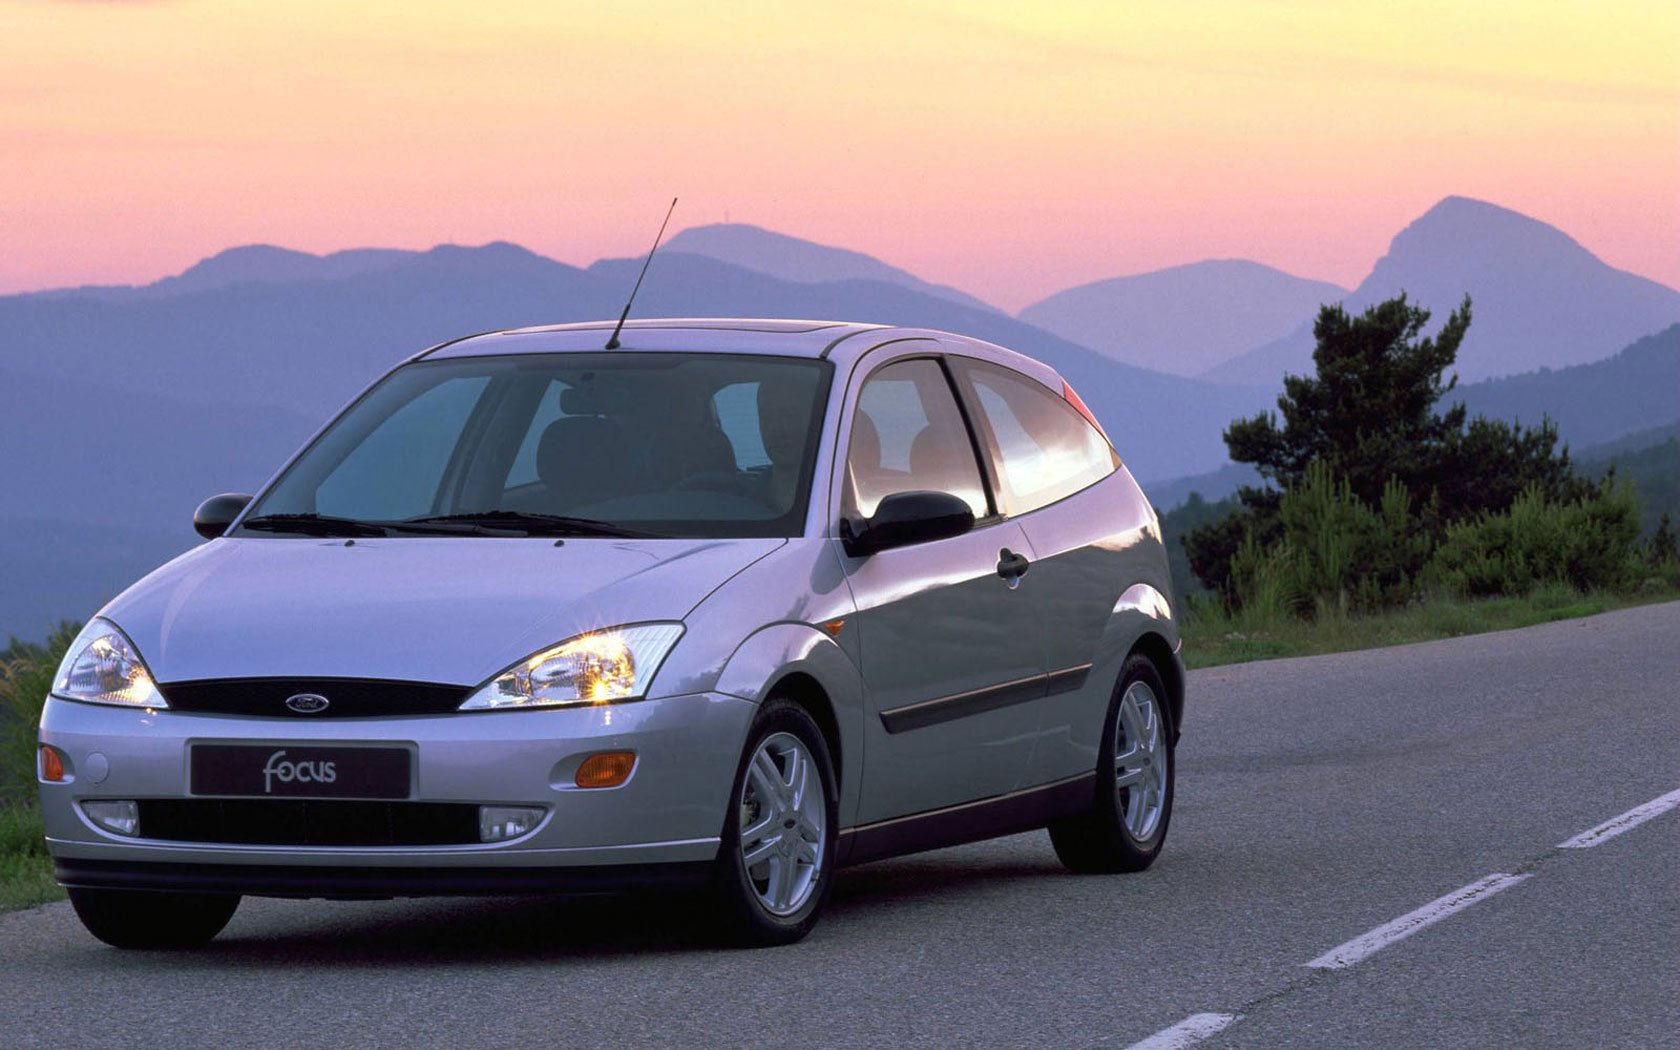 Рынок подержанных автомобилей в России сократился на 49%